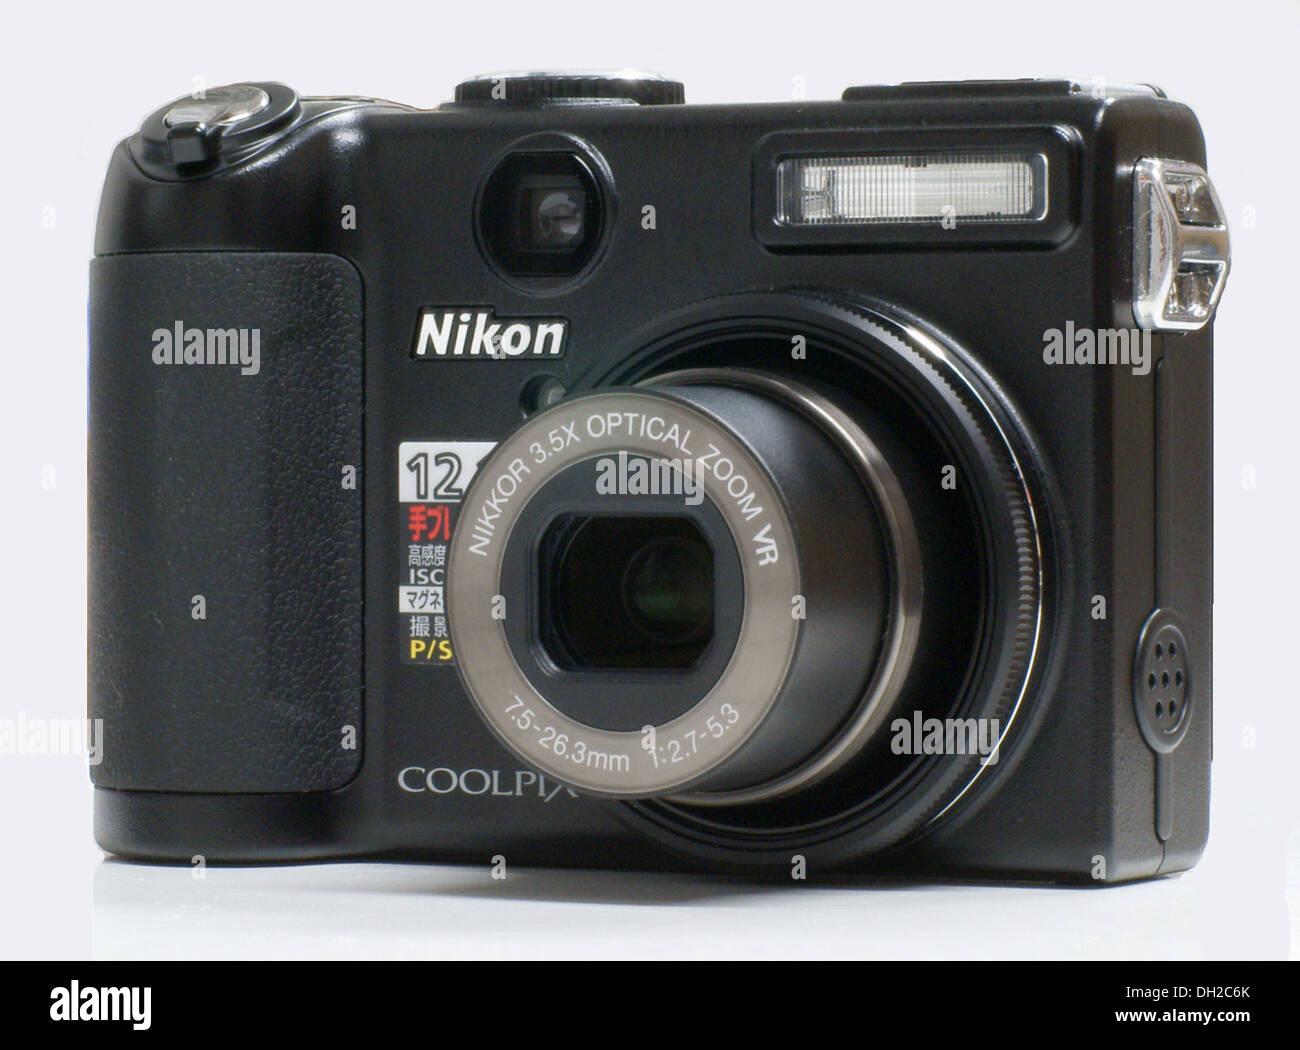 nikon coolpix stock photos nikon coolpix stock images alamy rh alamy com Nikon Camera P5100 Nikon Coolpix L18